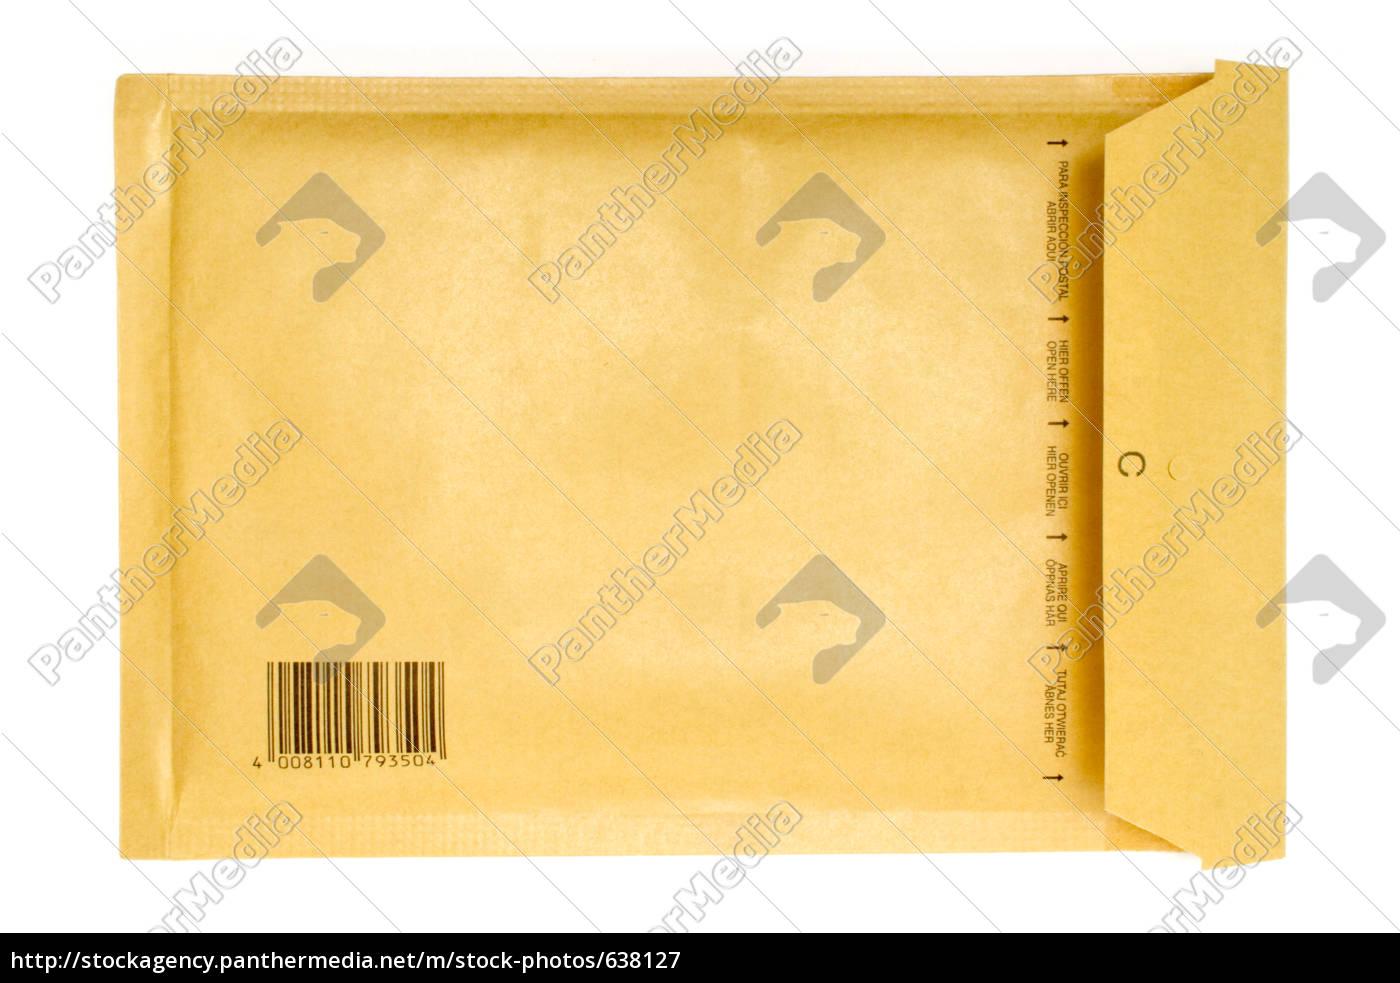 Brauner Briefumschlag Stockfoto 638127 Bildagentur Panthermedia